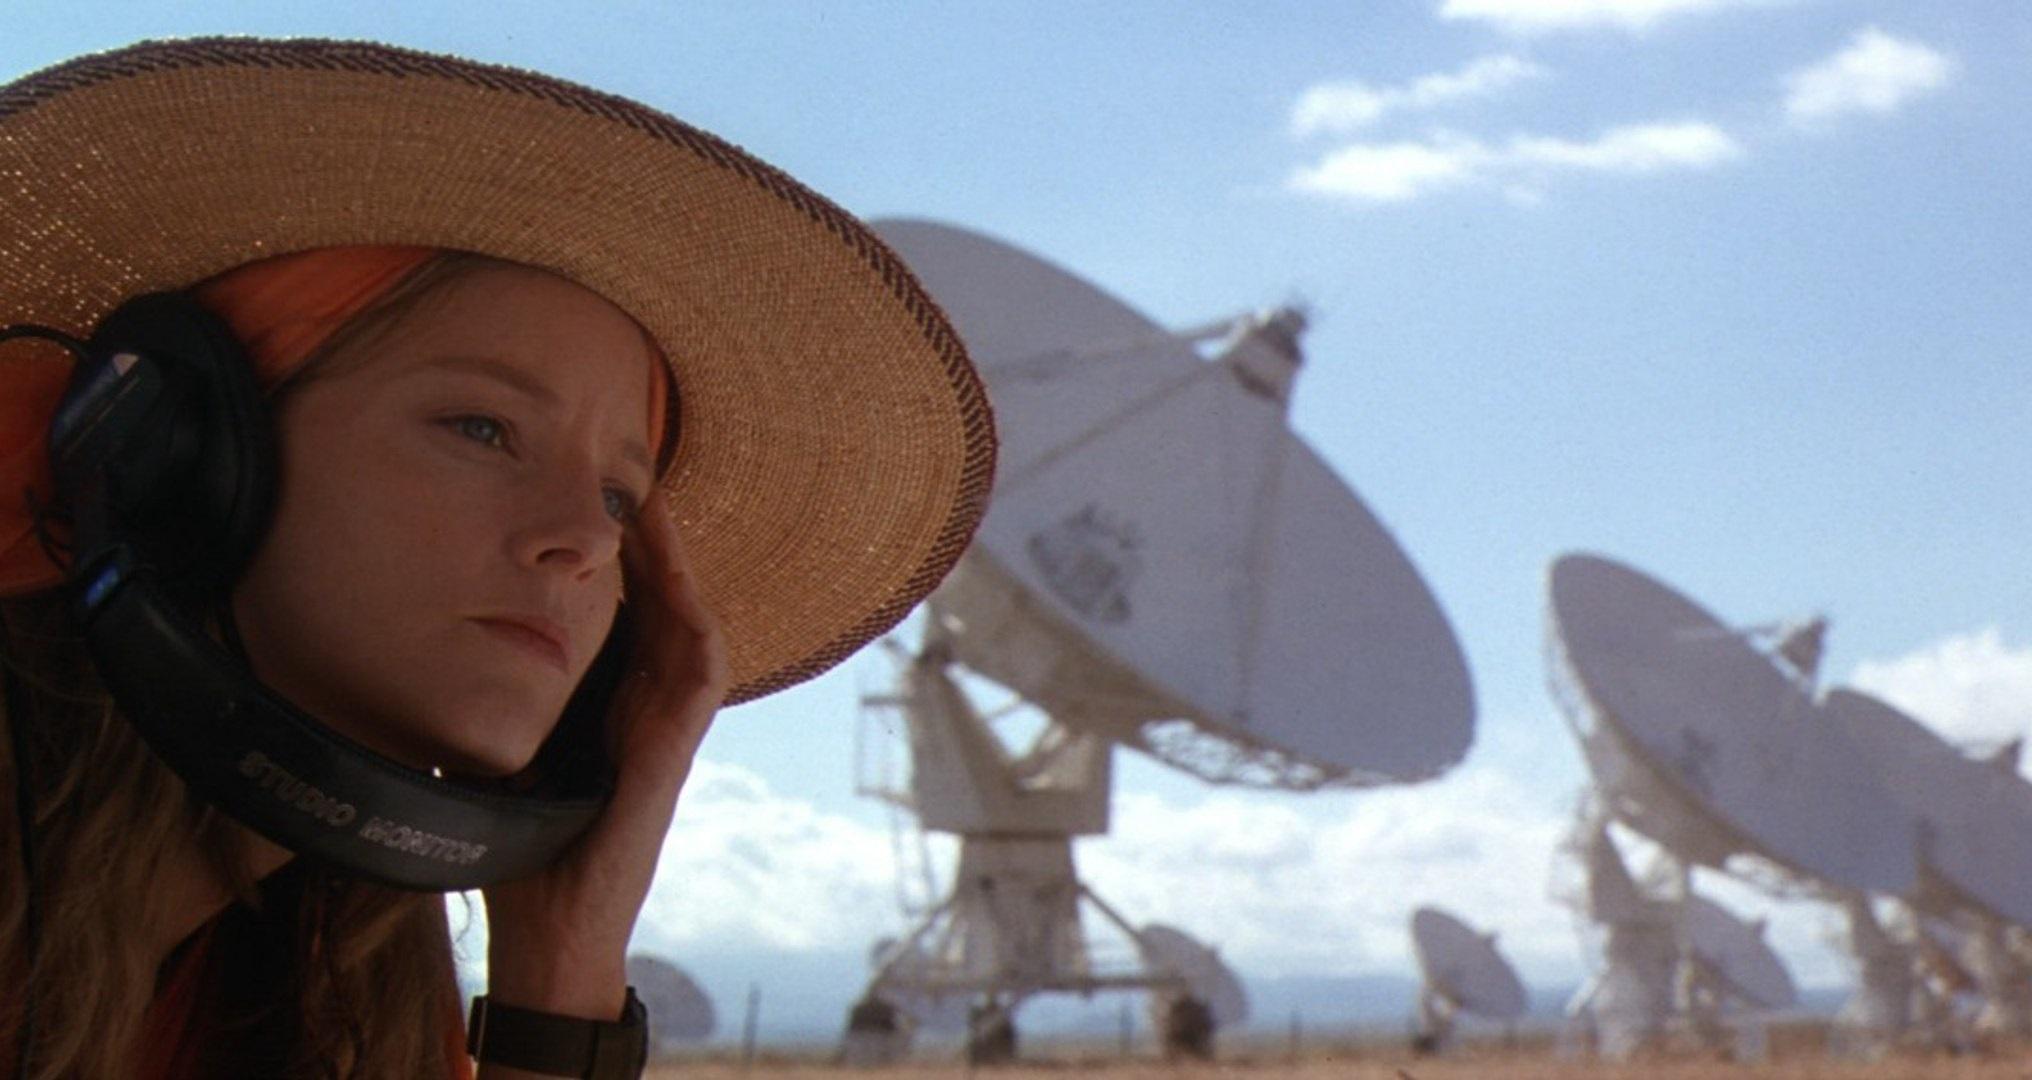 Filmy o kosmosie, które warto obejrzeć